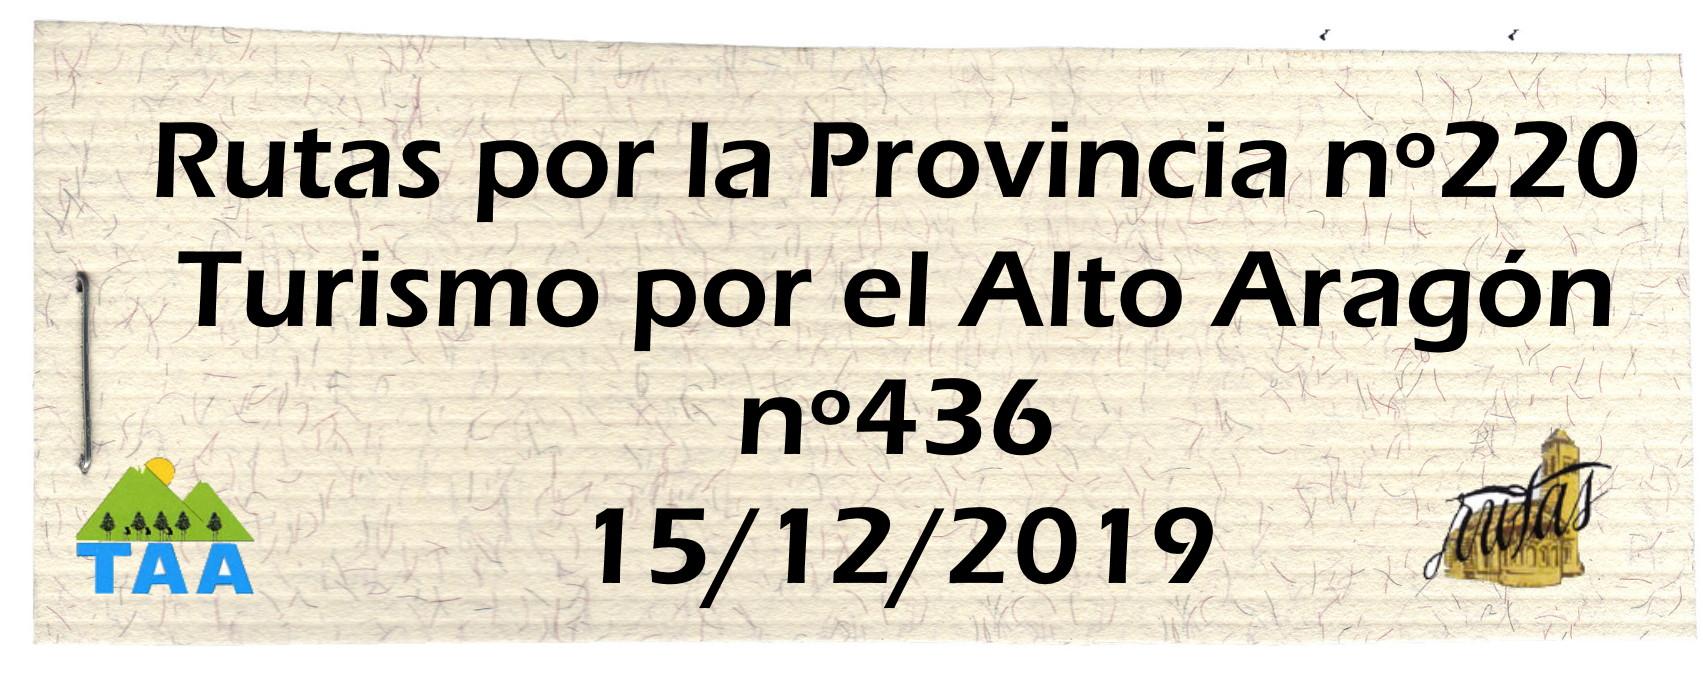 Rutas y TAA Diciembre 2019